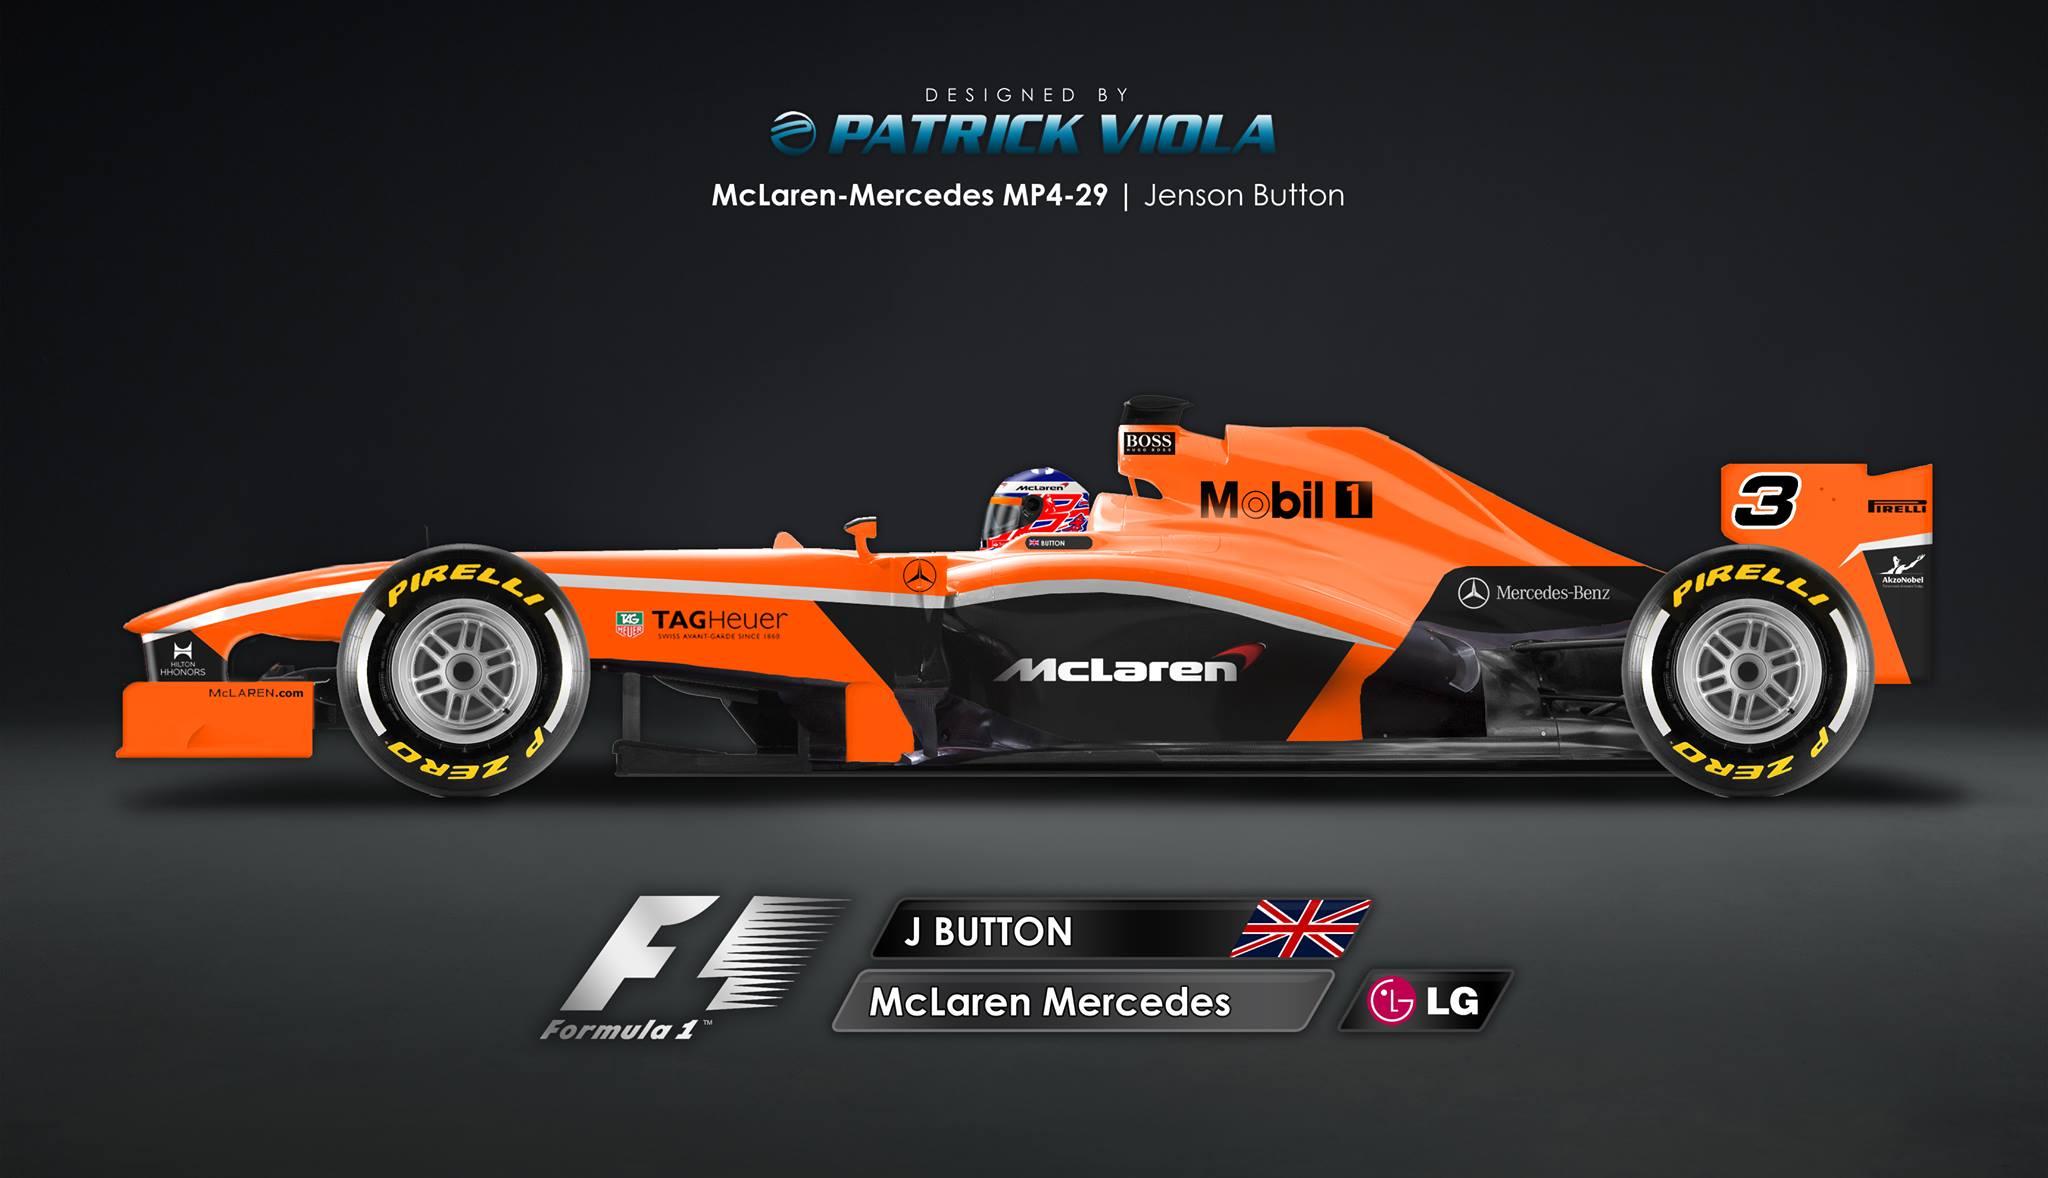 Így nézhet ki a McLaren legújabb festése narancssárga alappal